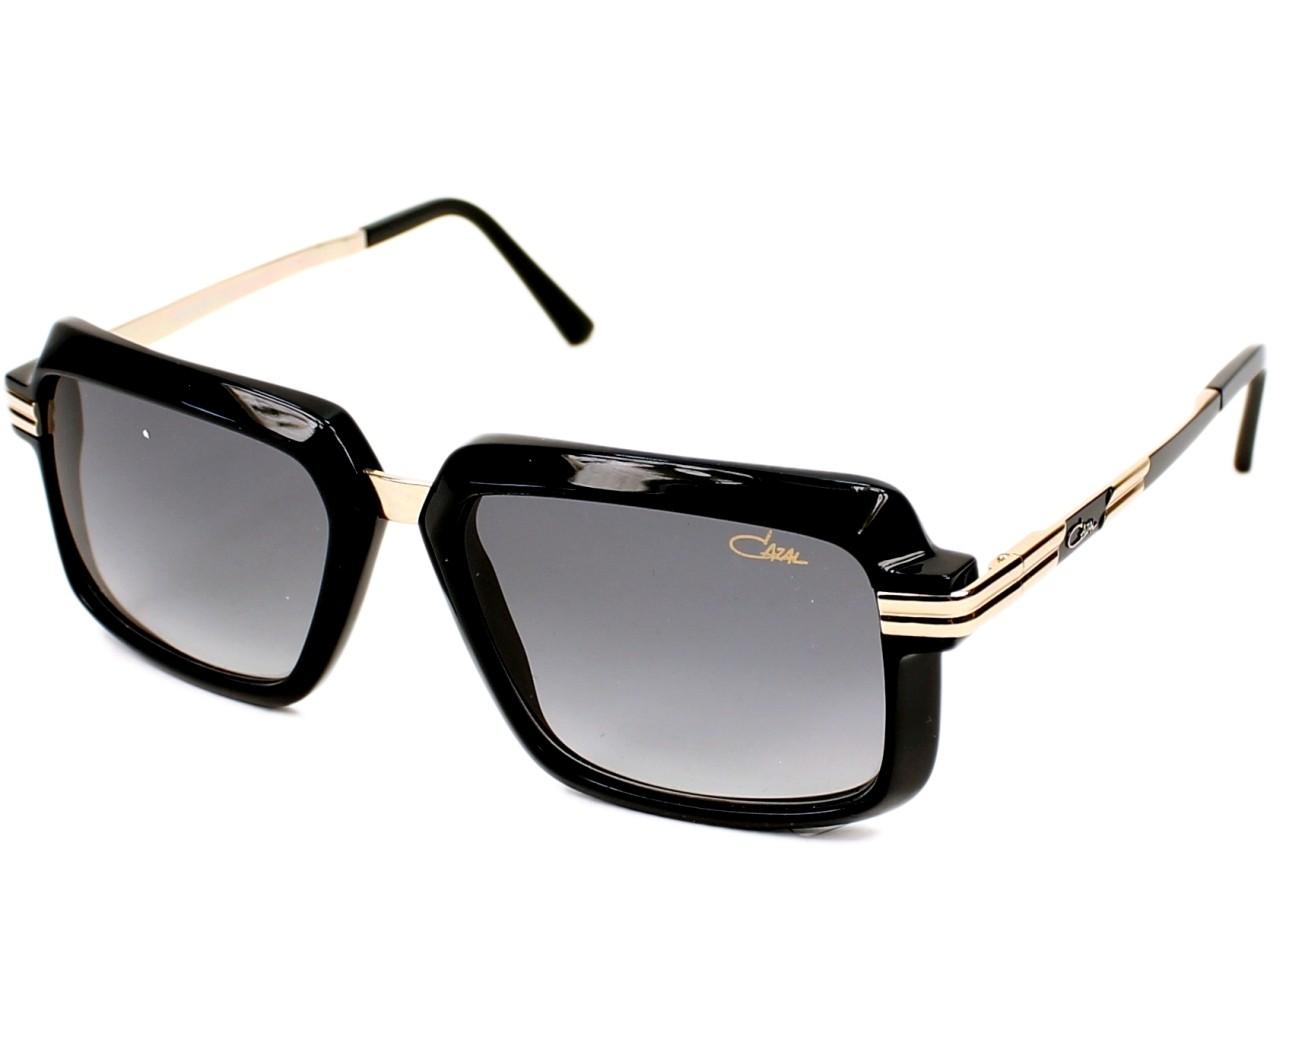 lunettes de soleil cazal 6009 3 001 noir avec des verres. Black Bedroom Furniture Sets. Home Design Ideas